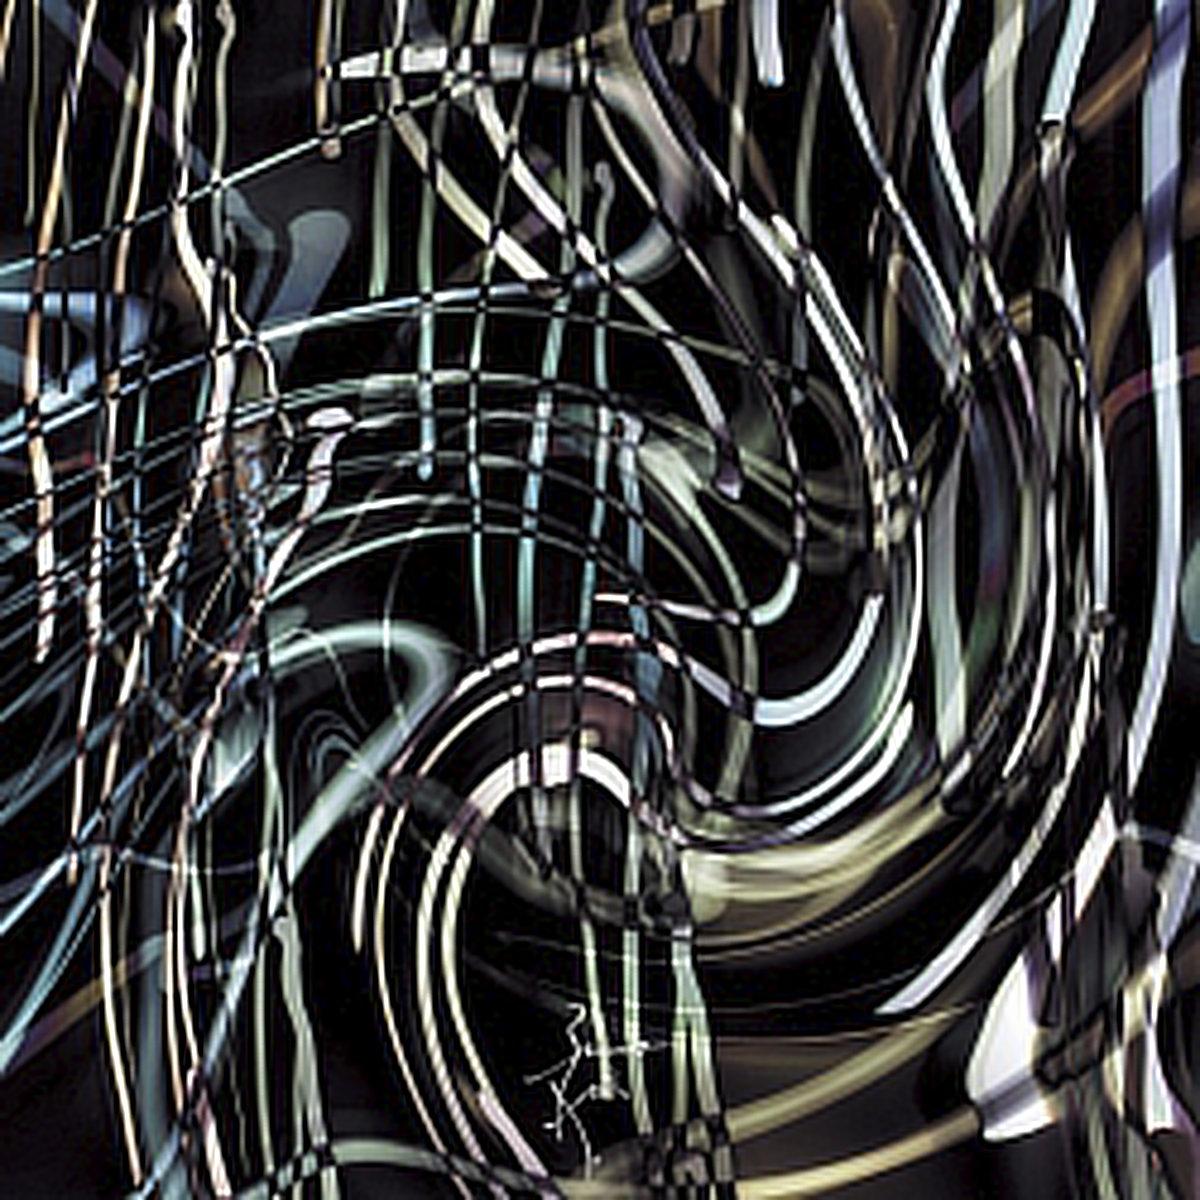 Peinture numérique Jungle. Série Chronoschromaties.